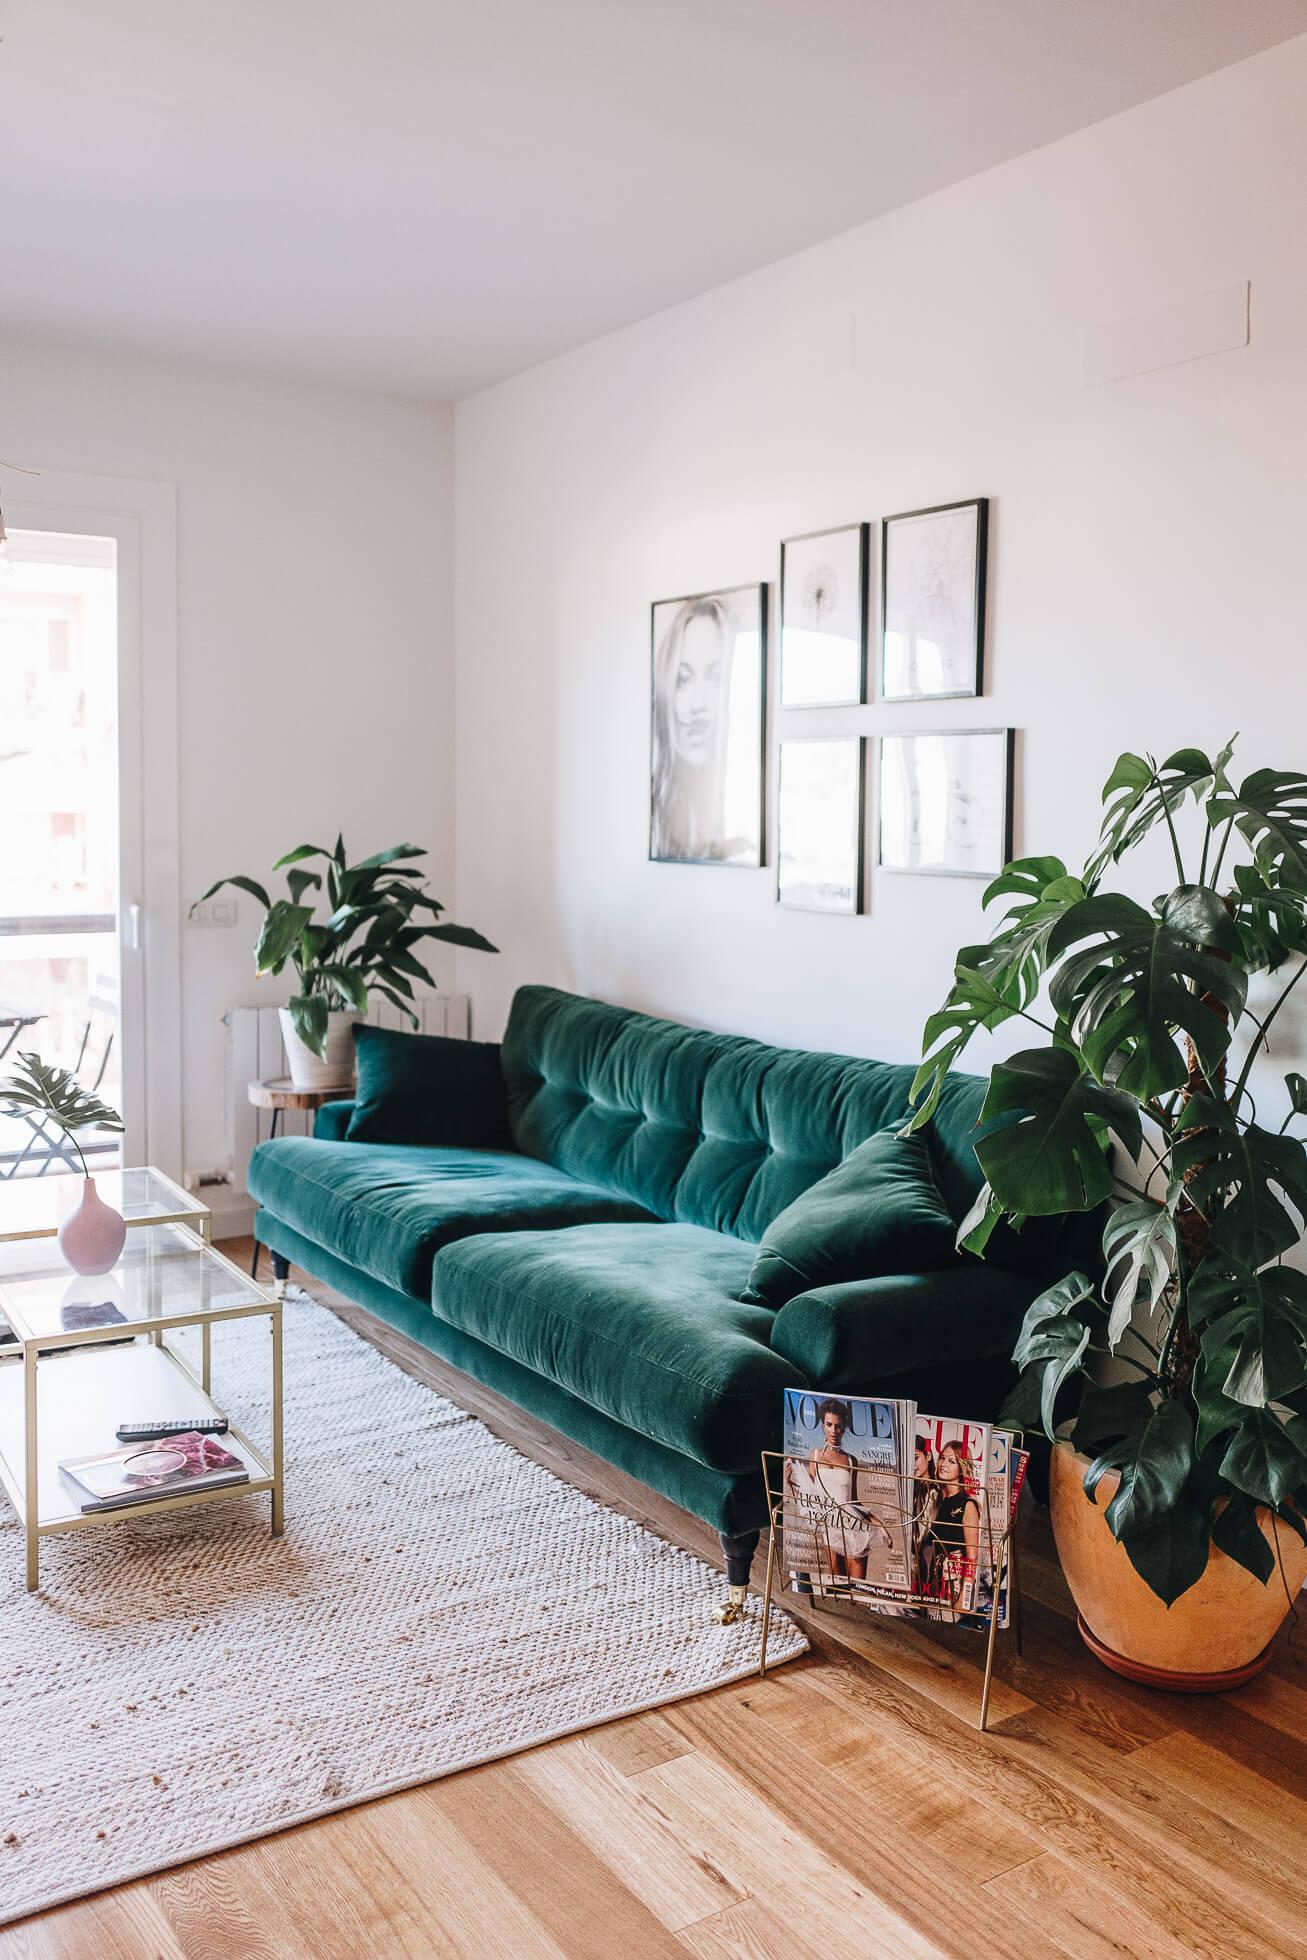 Green velvet sofa inspiration and product round-up. BOHO STYLE: THE GREEN VELVET SOFA - 6 STYLISH OPTIONS - heydjangles.com. Image via Janni Deler. Boho living room, boho sofa, velvet sofa inspiration #bohochic #bohostyle